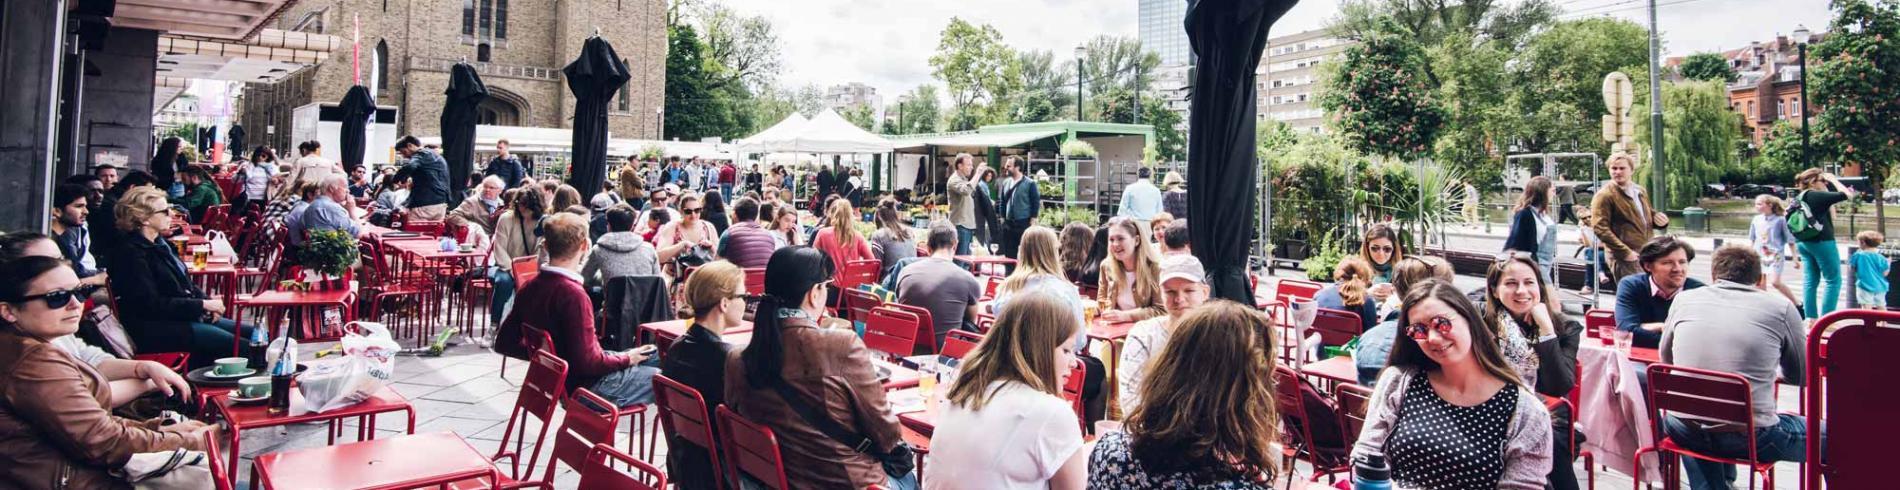 People enjoying drinks at Cafe Belga